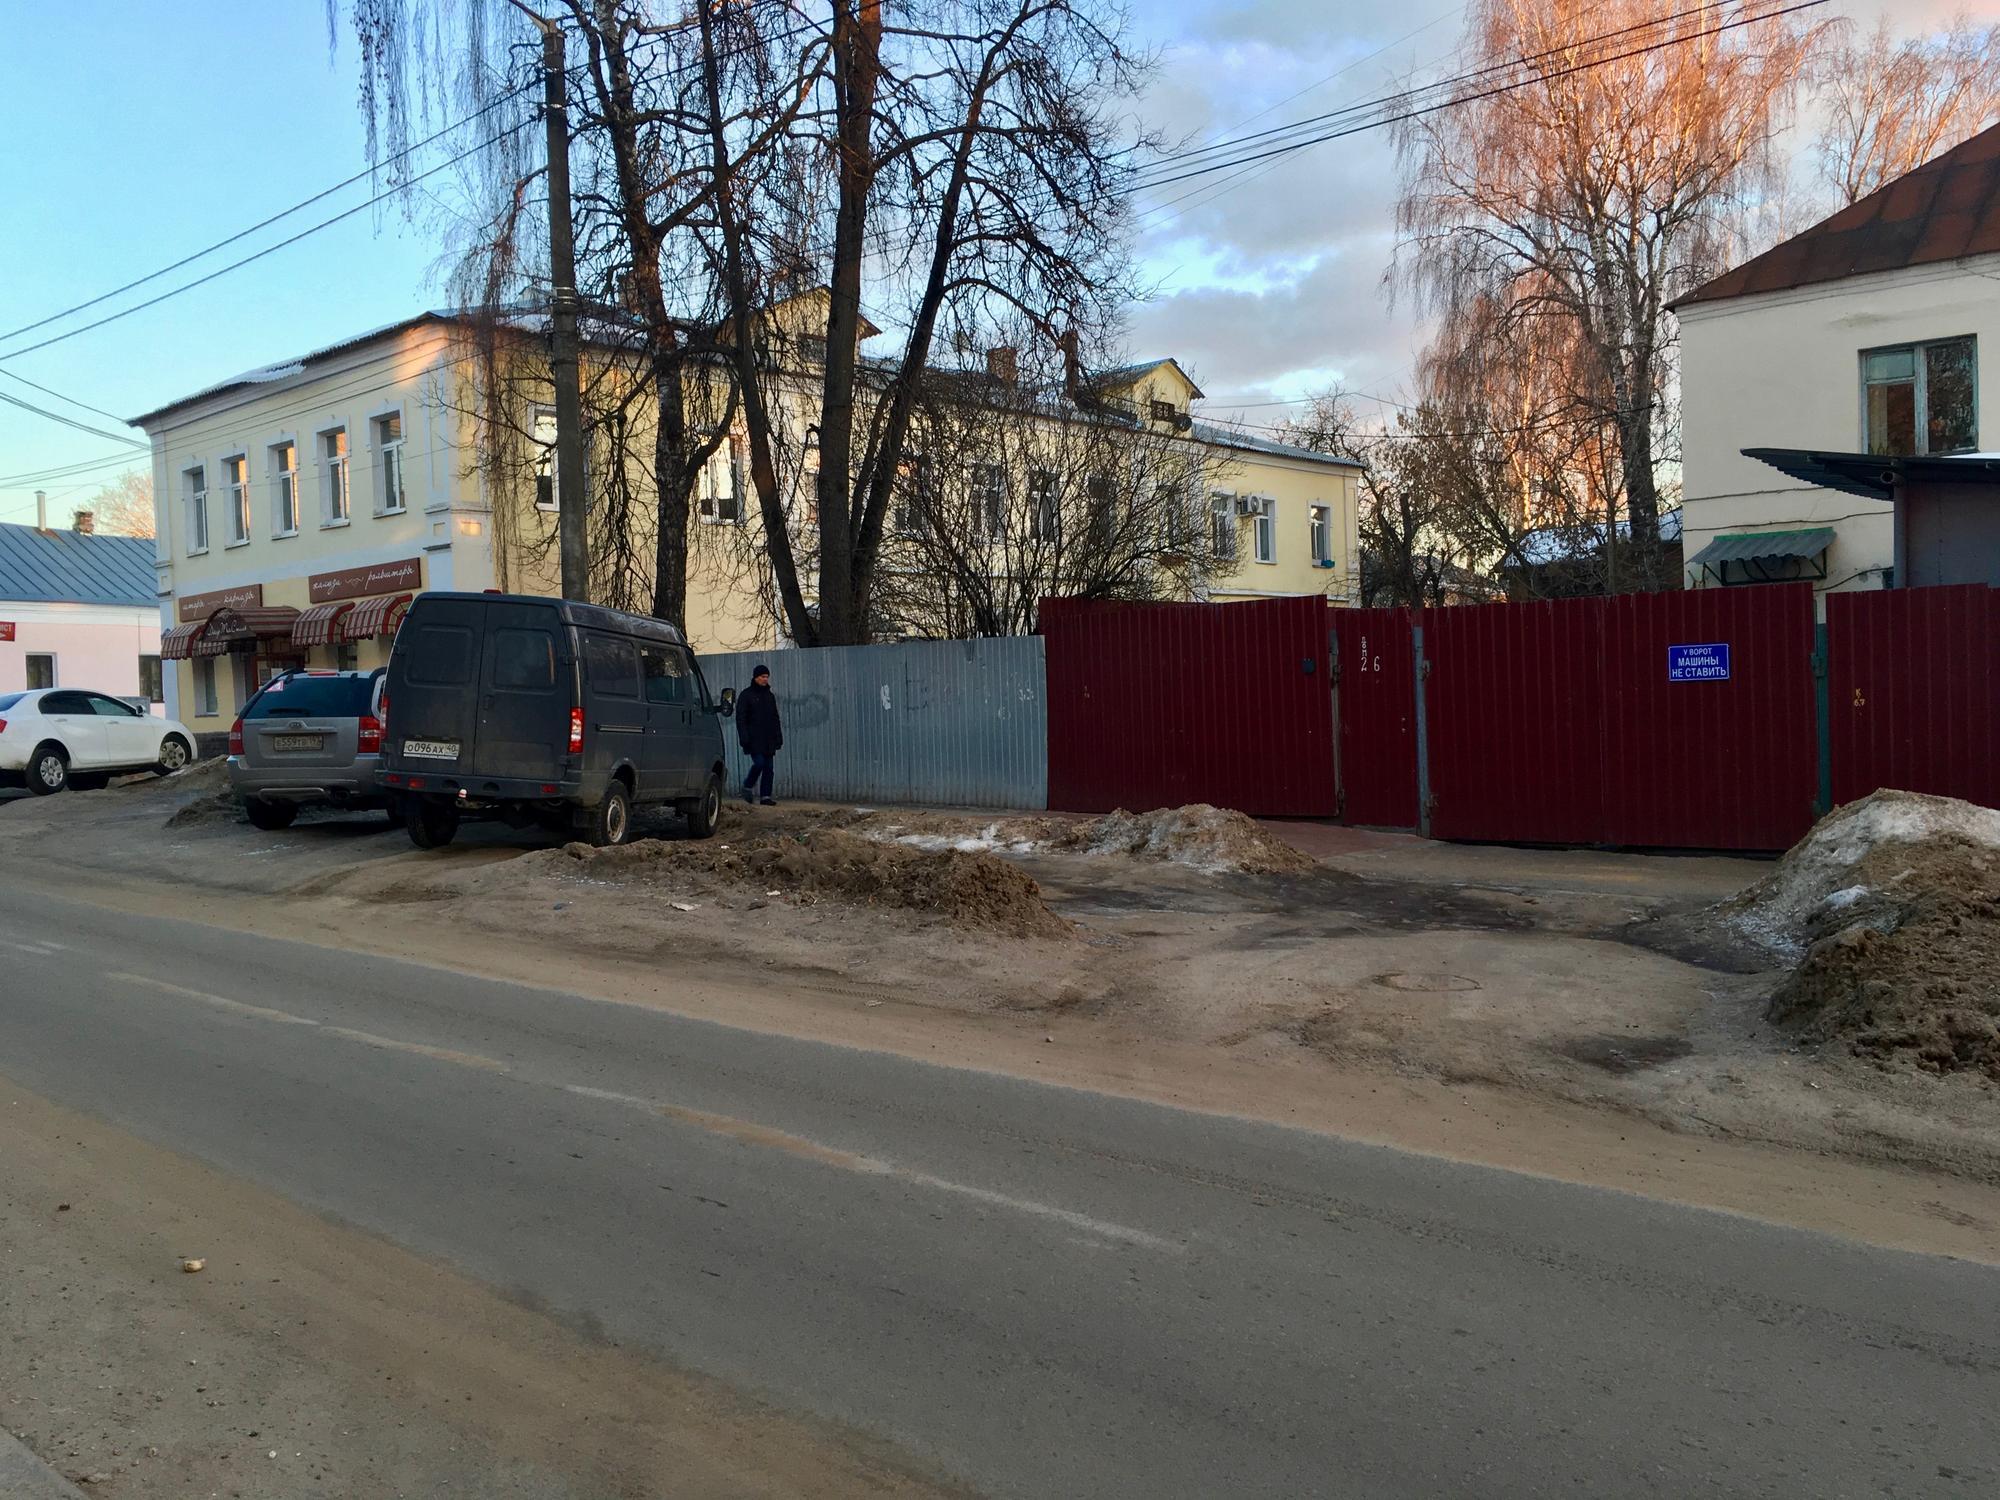 🇷🇺 Калуга, Россия, март 2019.